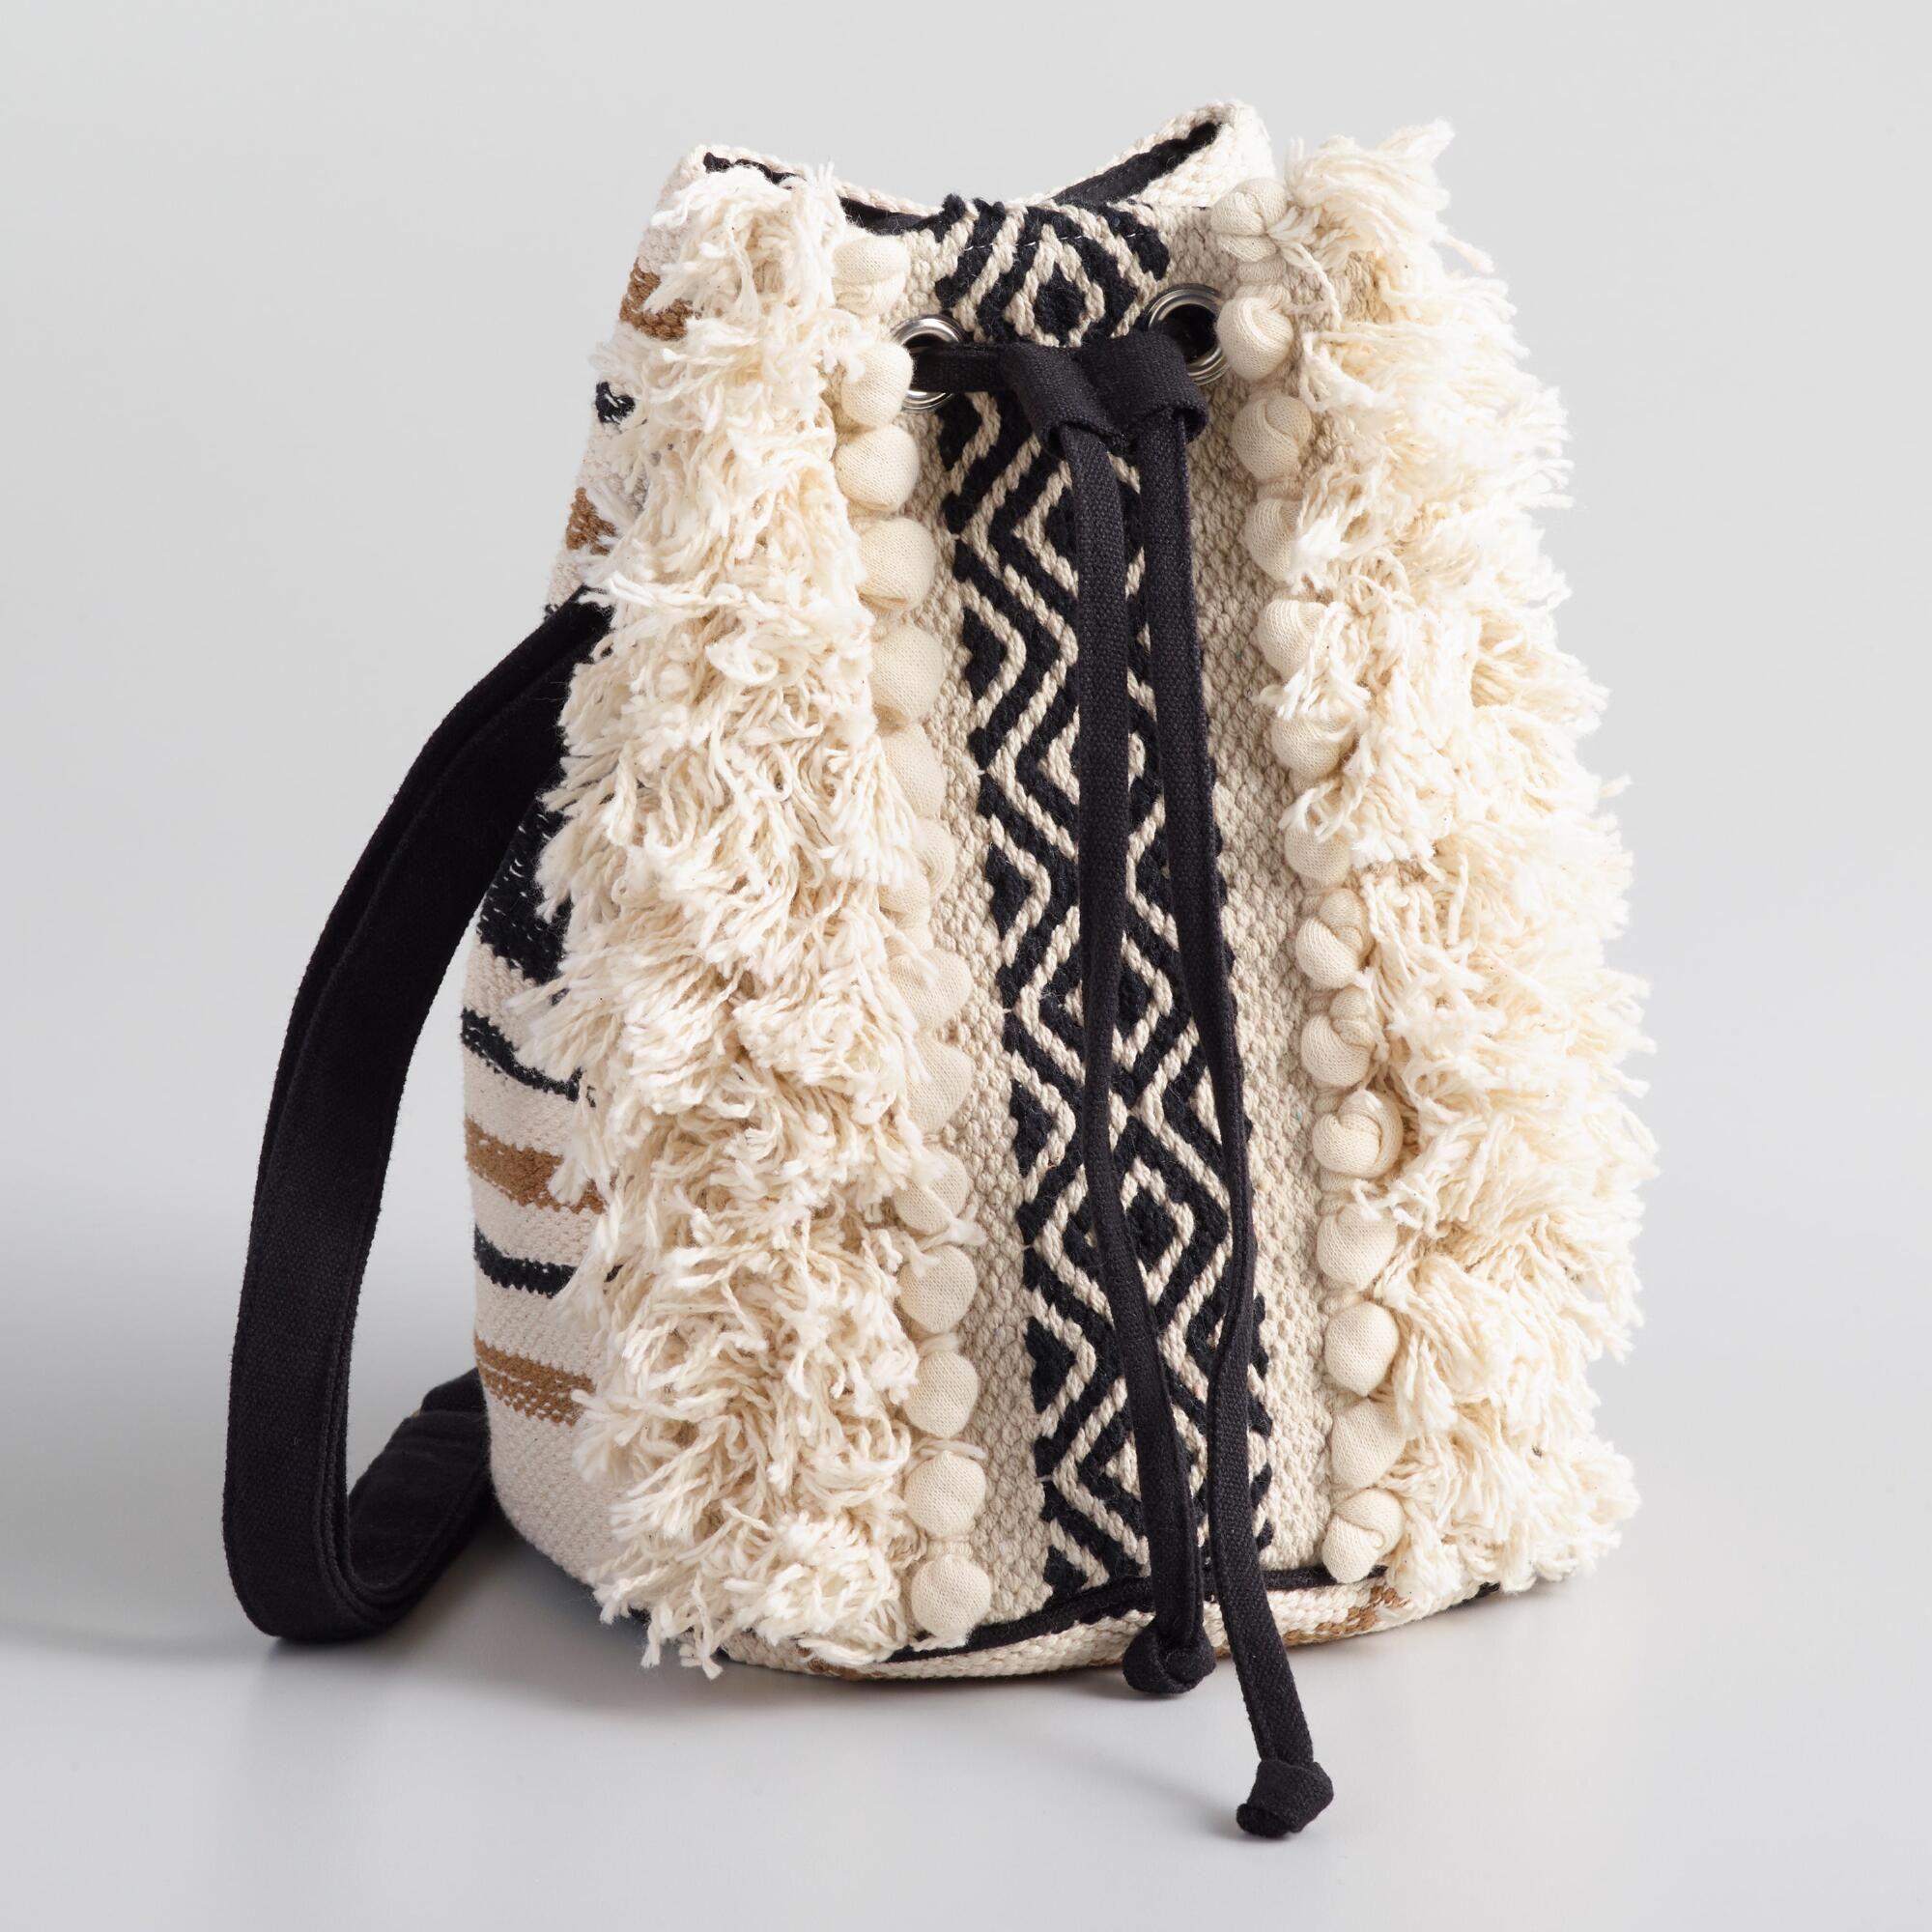 c1412ca92e Black And White Jacquard Fringe Crossbody Bucket Bag by World Market ...